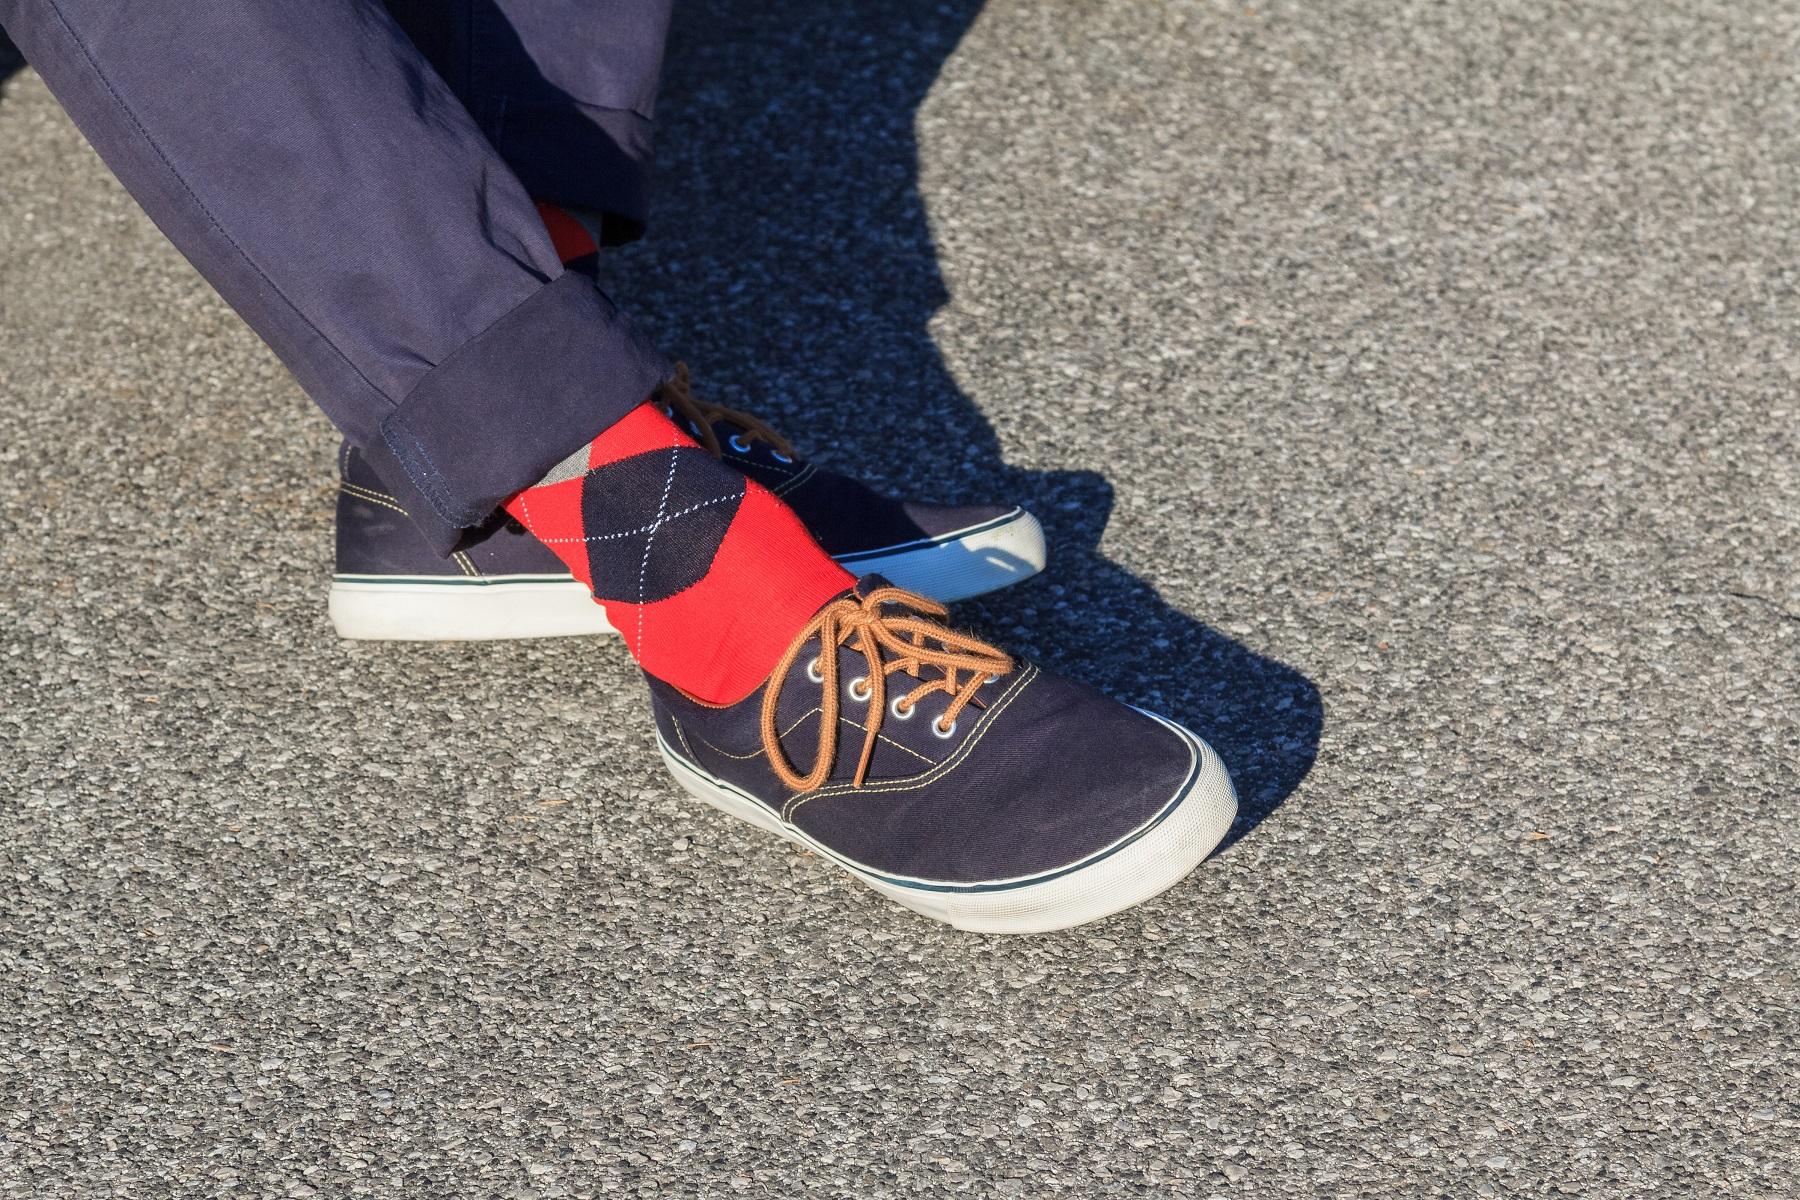 Spodnie z podwiniętymi nogawkami – jaki krój możesz skracać?